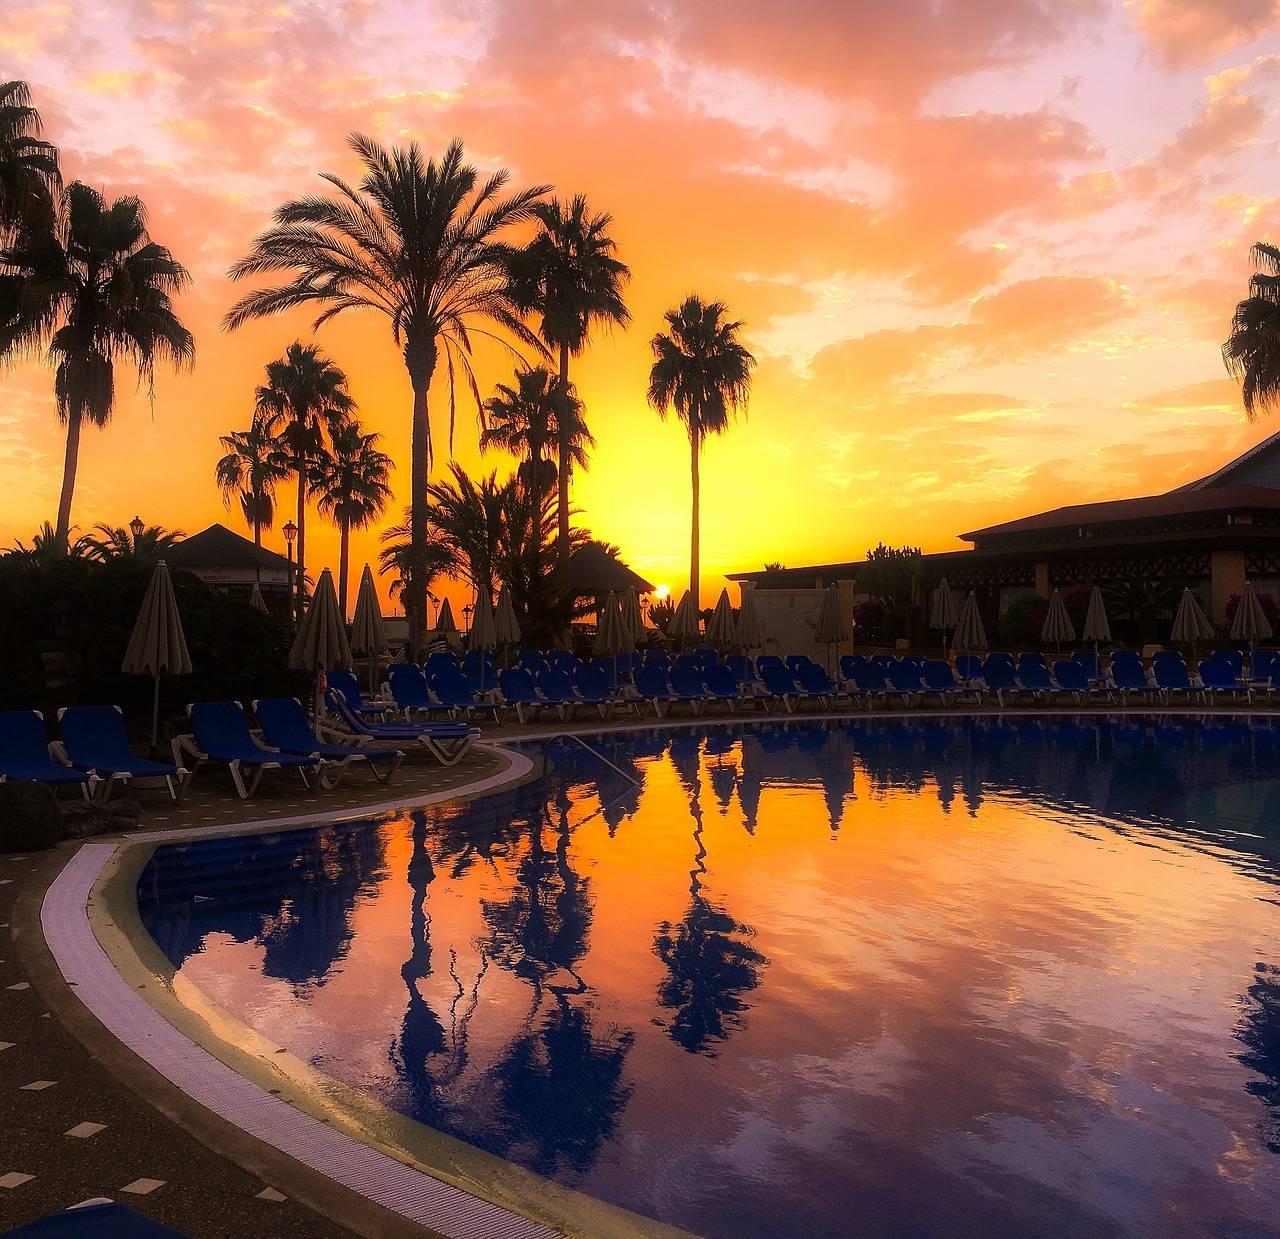 Claves para unas vacaciones de lujo en Tenerife 1